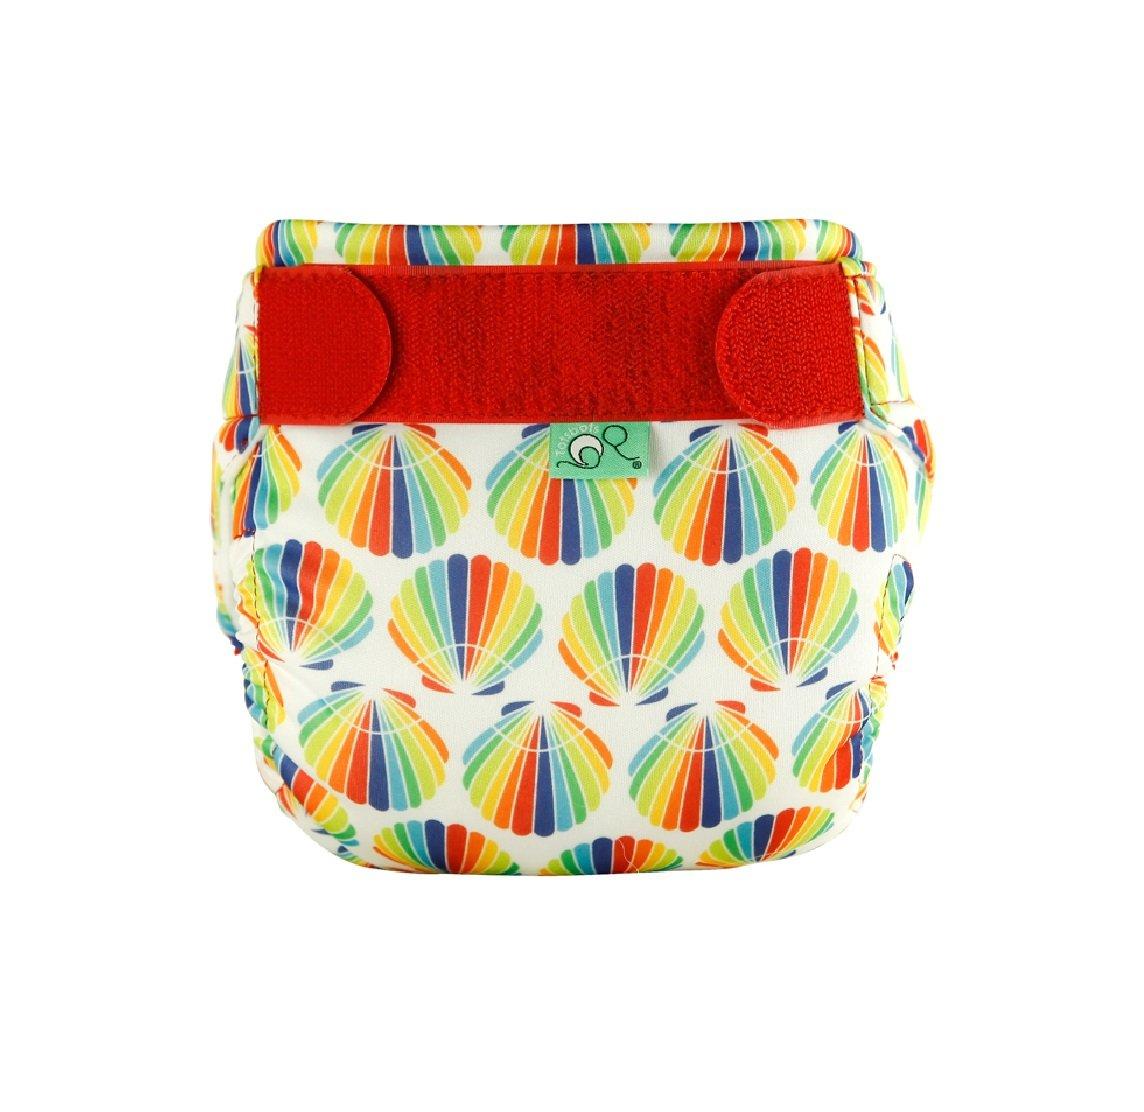 TotsBots schwimmt–Urchin Design wiederverwendbar waschbar Schwimmwindel in Größe 2 Tots Bots Limited 5060510761698